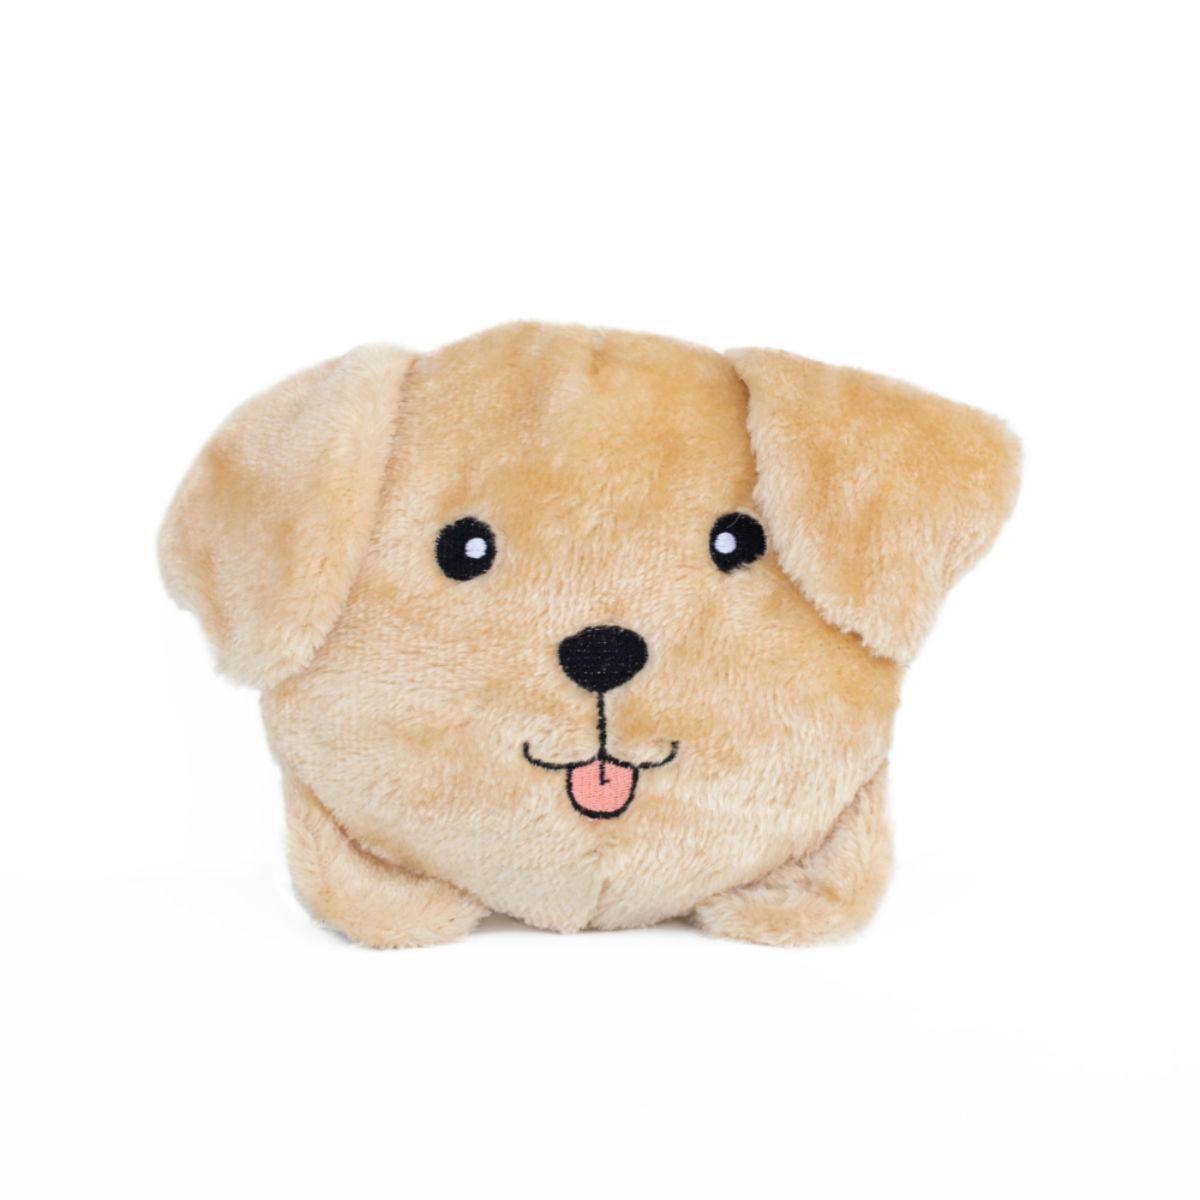 ZippyPaws Squeaky Buns Dog Toy - Yellow Lab